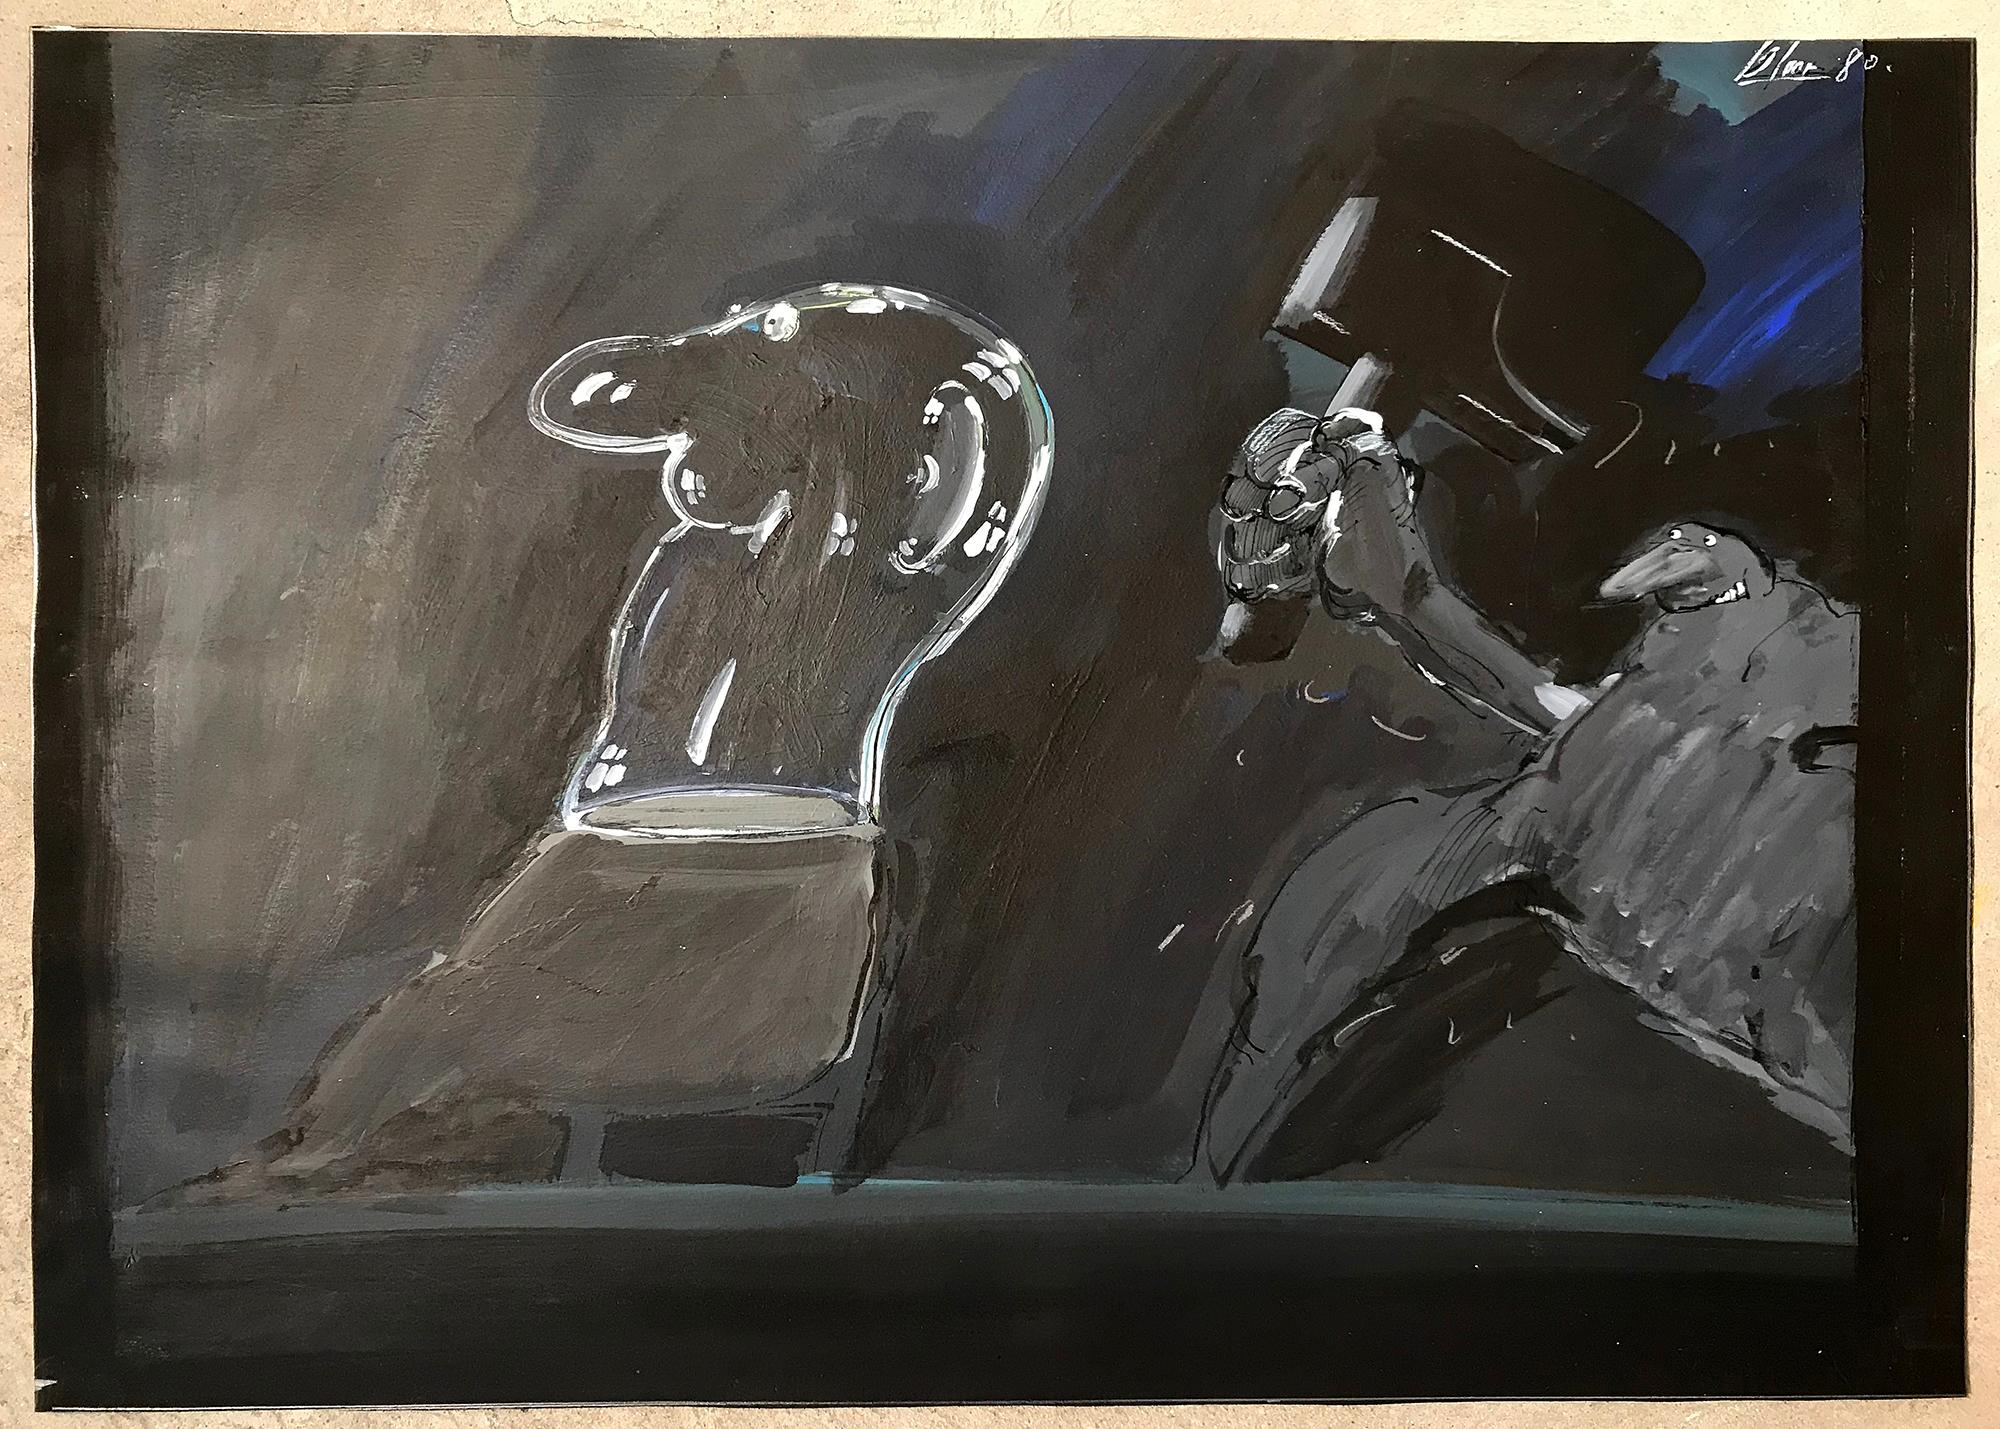 Gläserner Mensch, 1980, Mischtechnik auf Zeichenpapier, 70 x 50 cm, ohne Rahmen